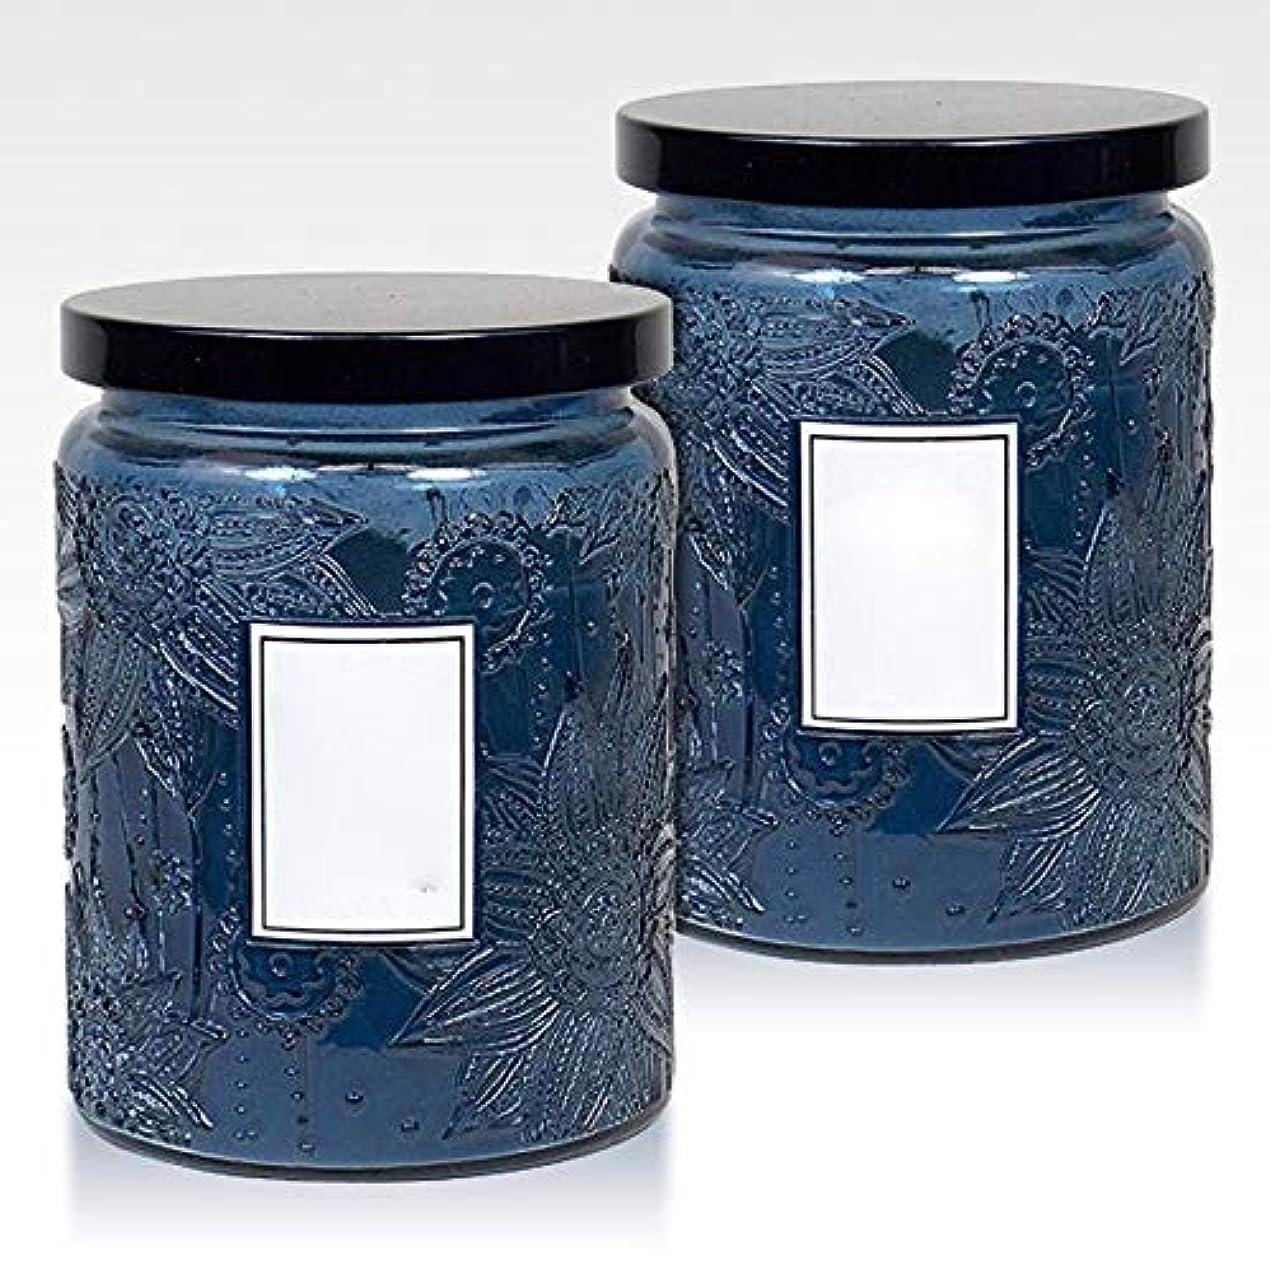 会話型作詞家突然16Oz大きい缶2つの中心の香料入りの蝋燭の環境に優しい植物の精油の大豆のワックスの無煙蝋燭セット(5箱)